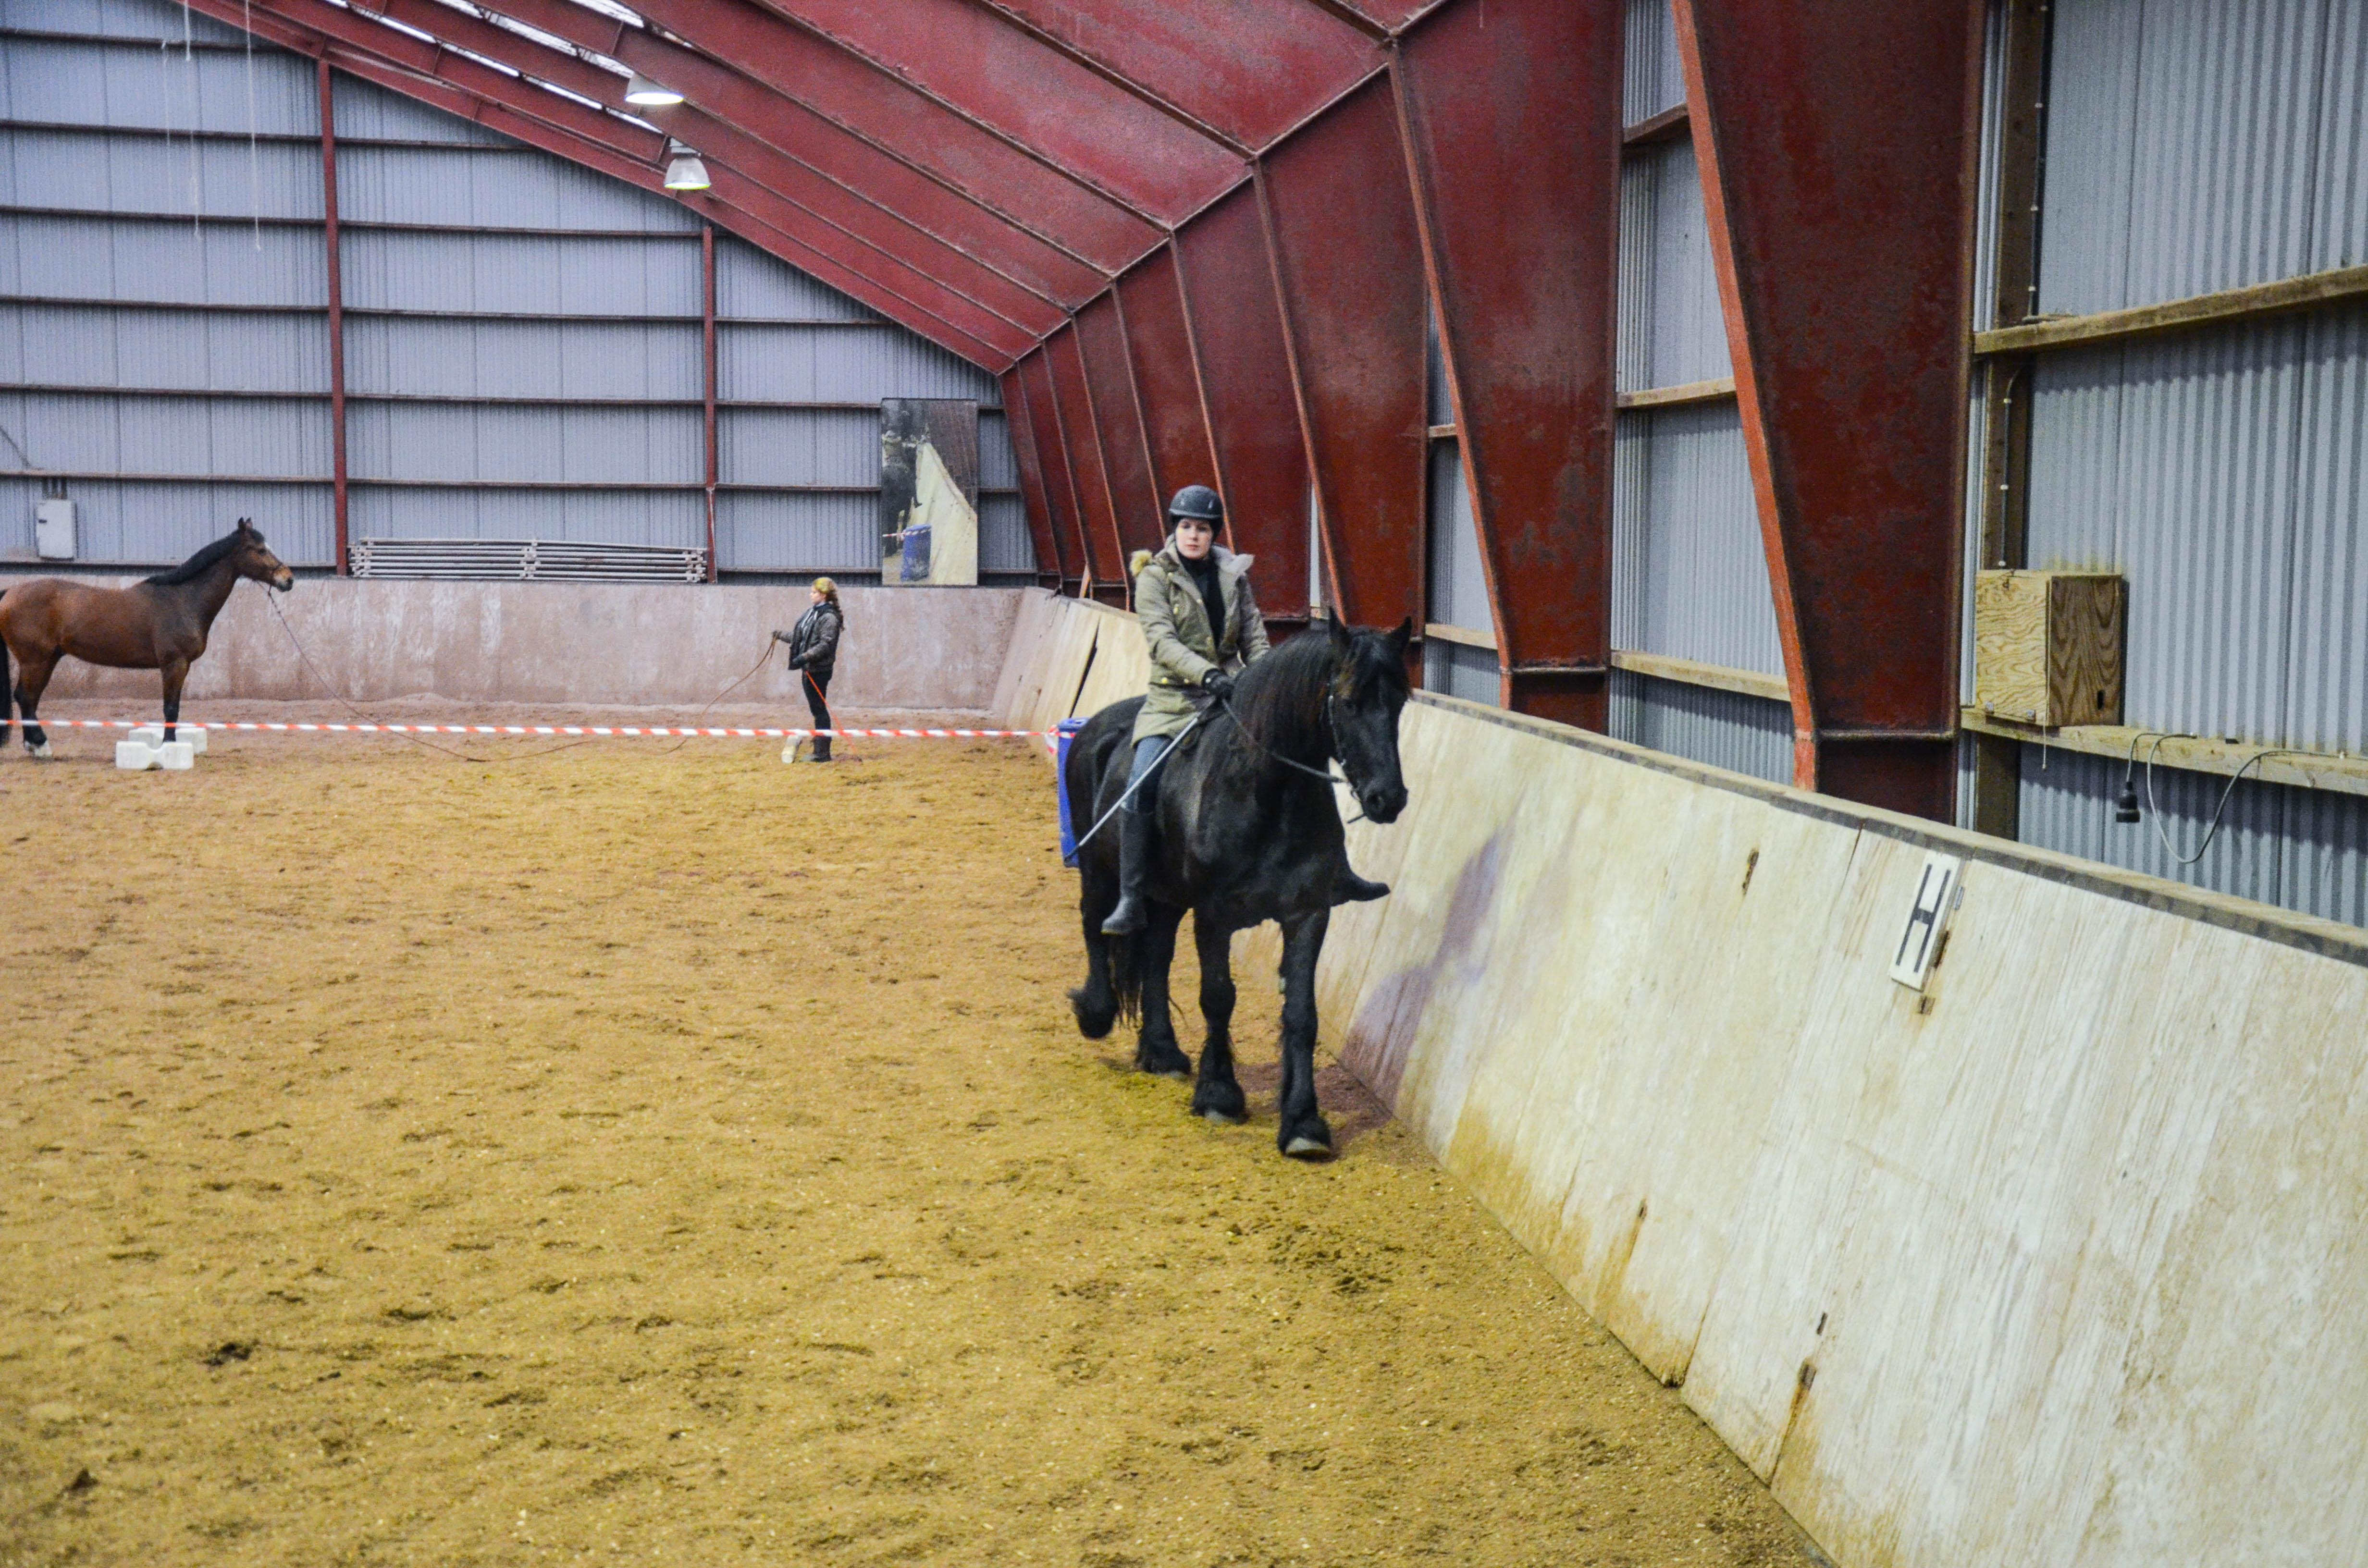 Relax rein bestod av å tippe nesen bittelitt til utsiden, til hesten ønsker å strekke seg, og så gi han hele tøylen.